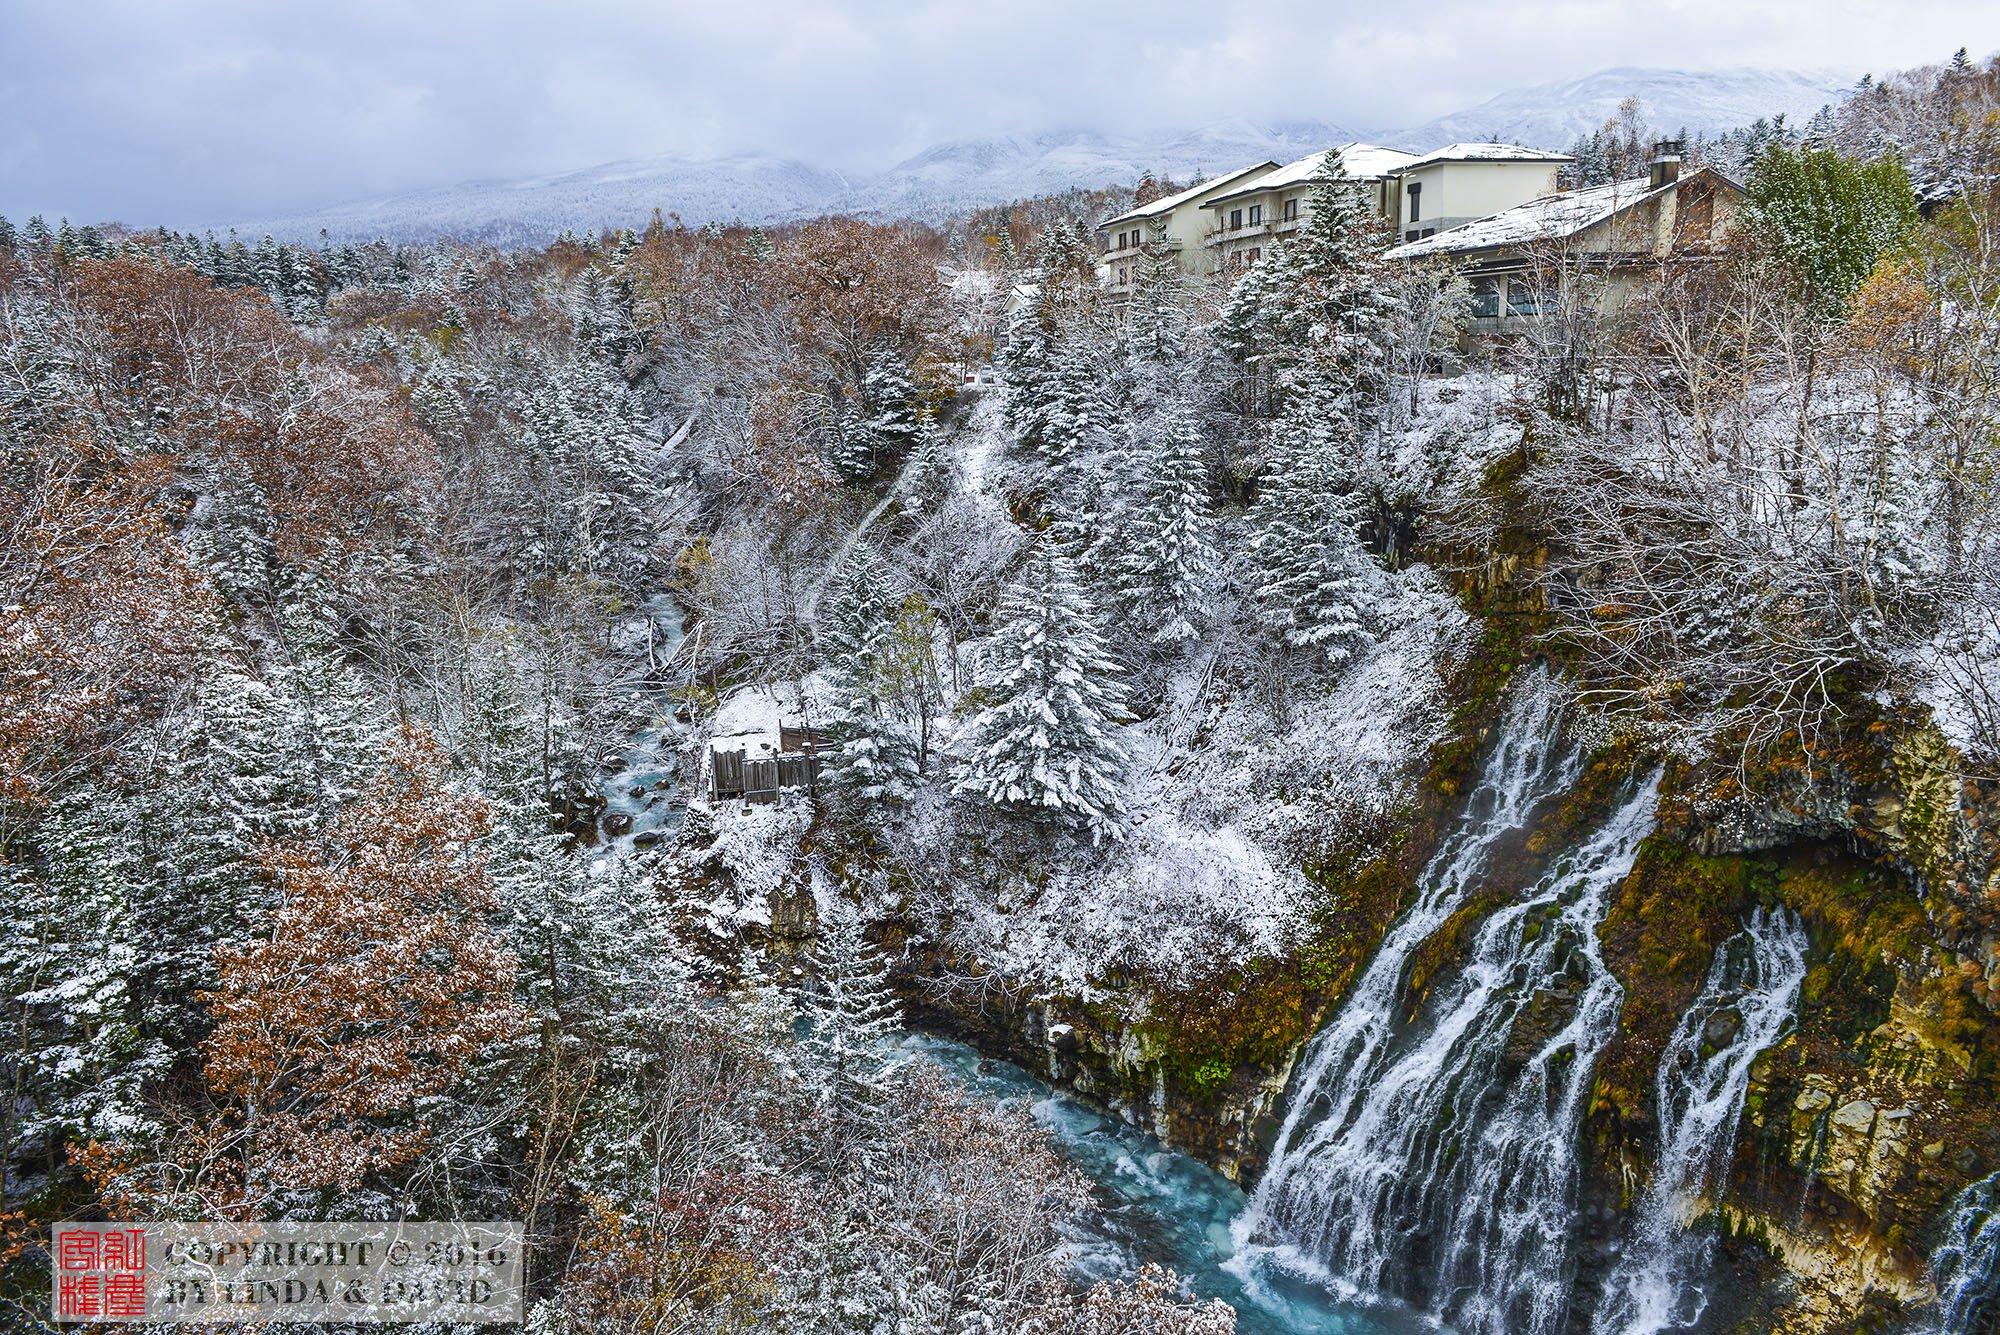 雪山,雪松,红枫,瀑布,涧水,组成了一副优美的画卷.